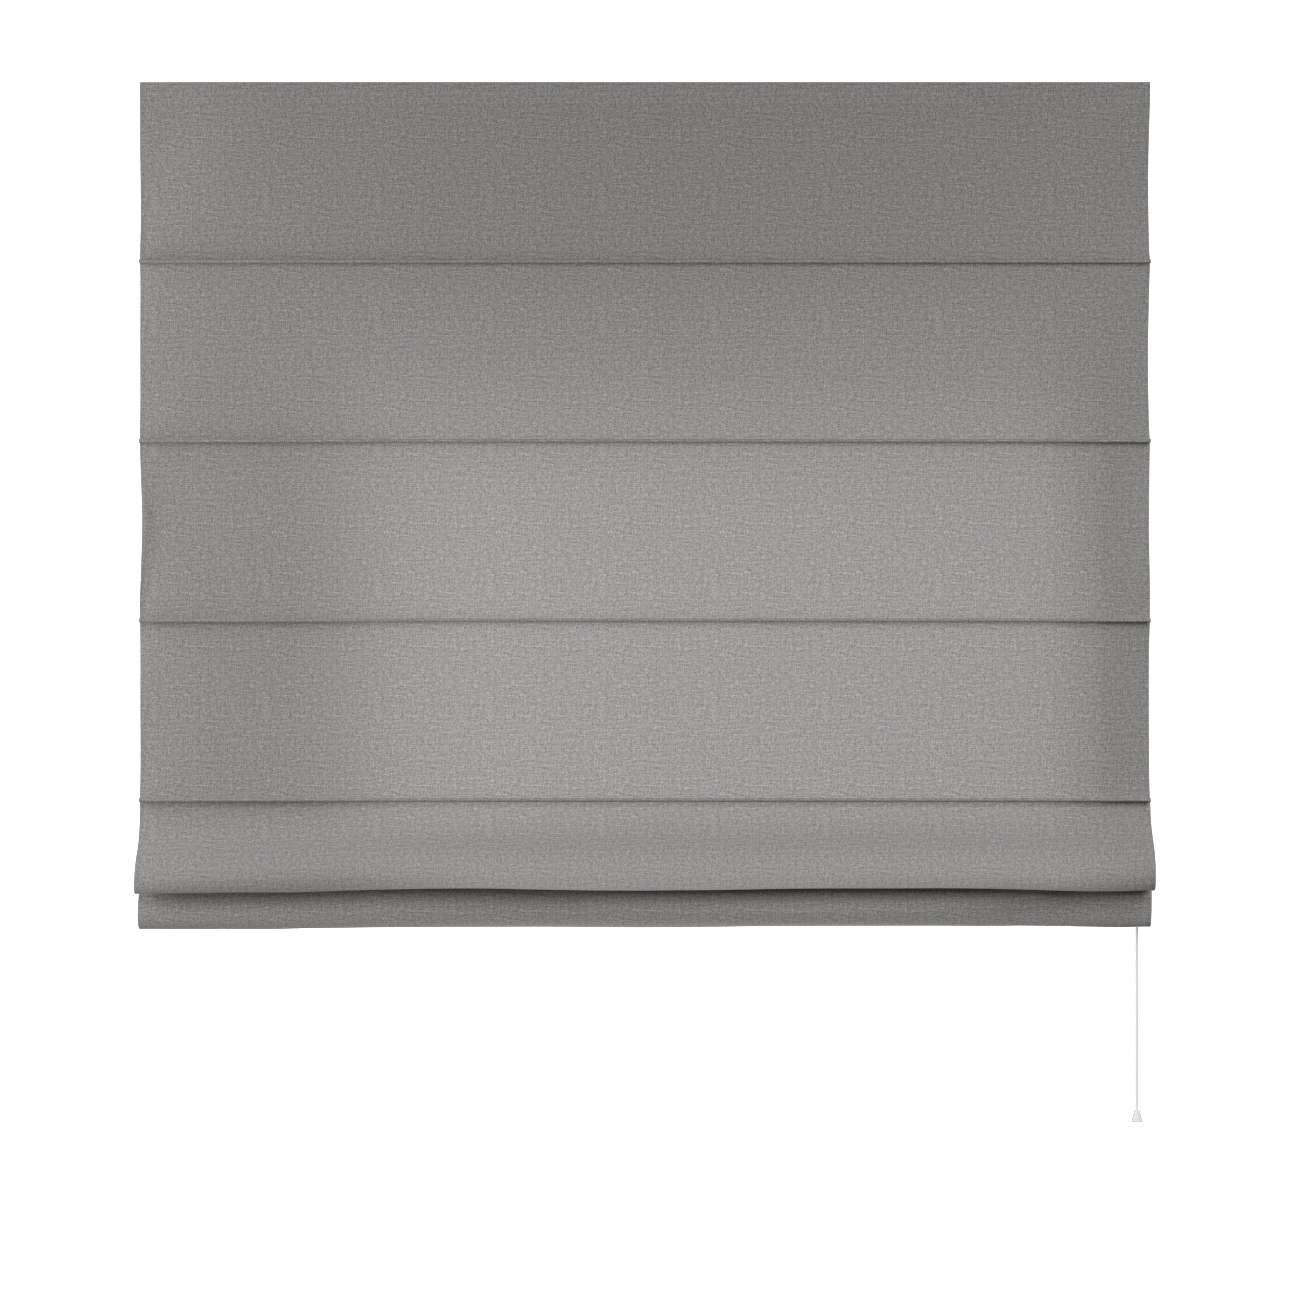 Liftgardin Capri<br/>Uten volang 80 × 170 cm fra kolleksjonen Edinburgh, Stoffets bredde: 115-81